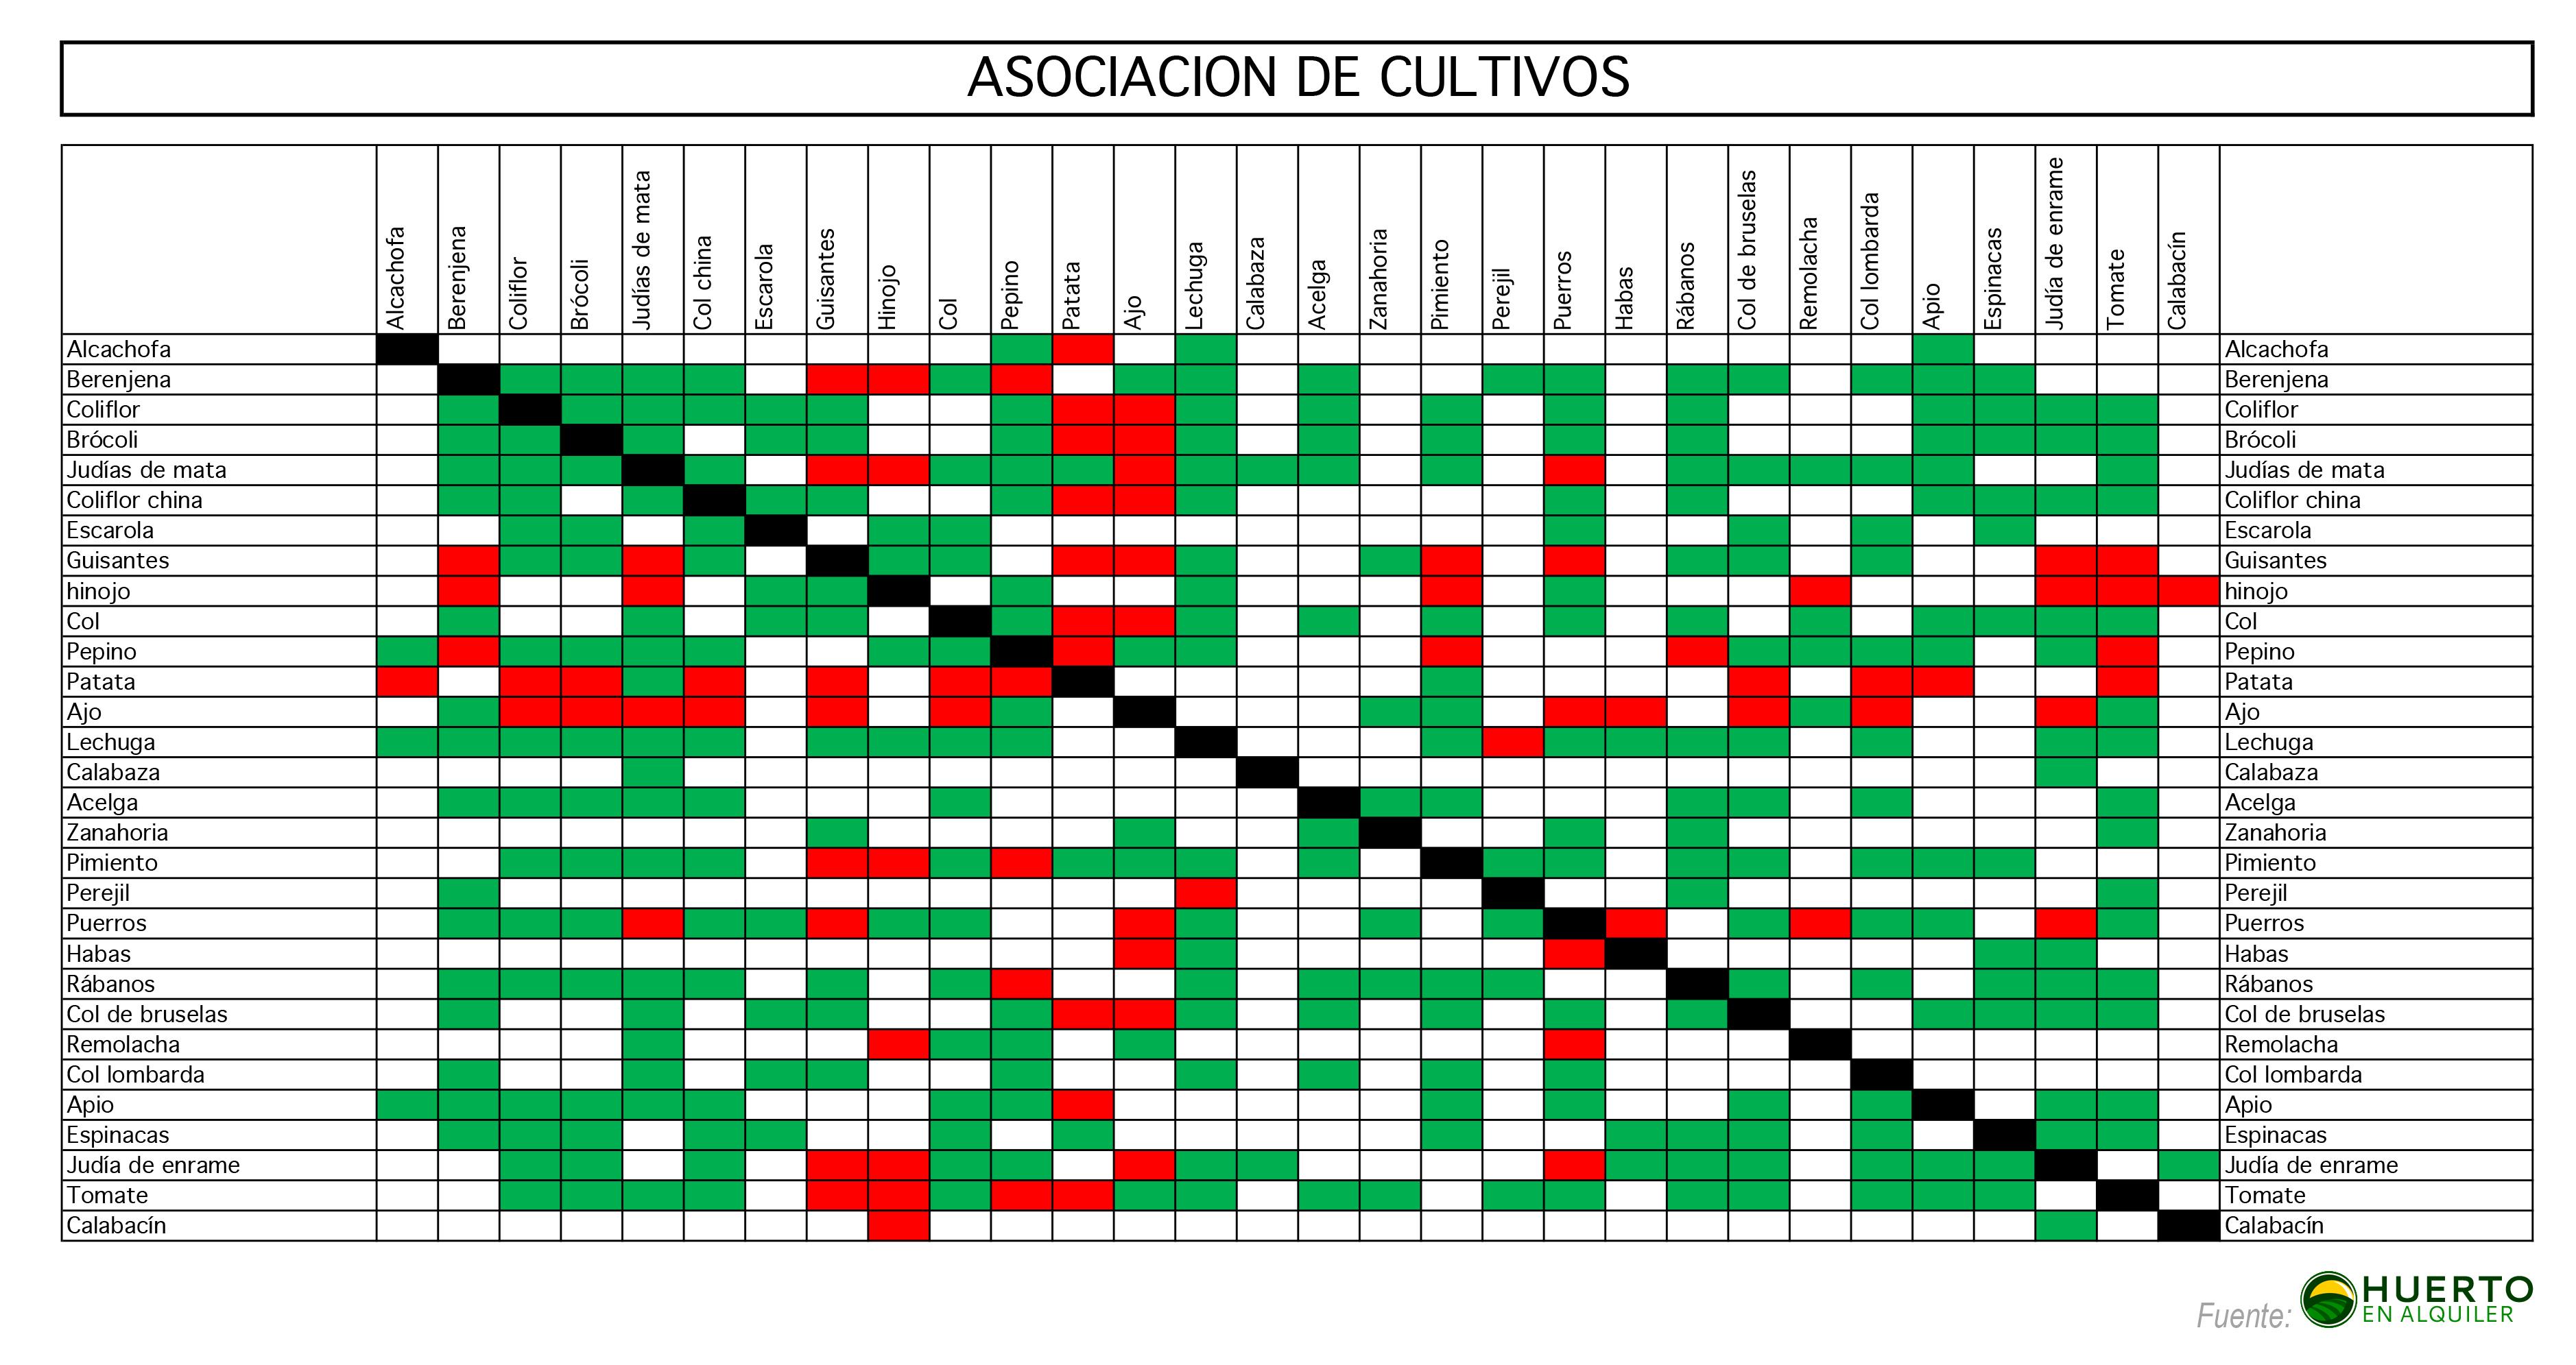 Asociaci n de cultivos for Asociacion de hortalizas